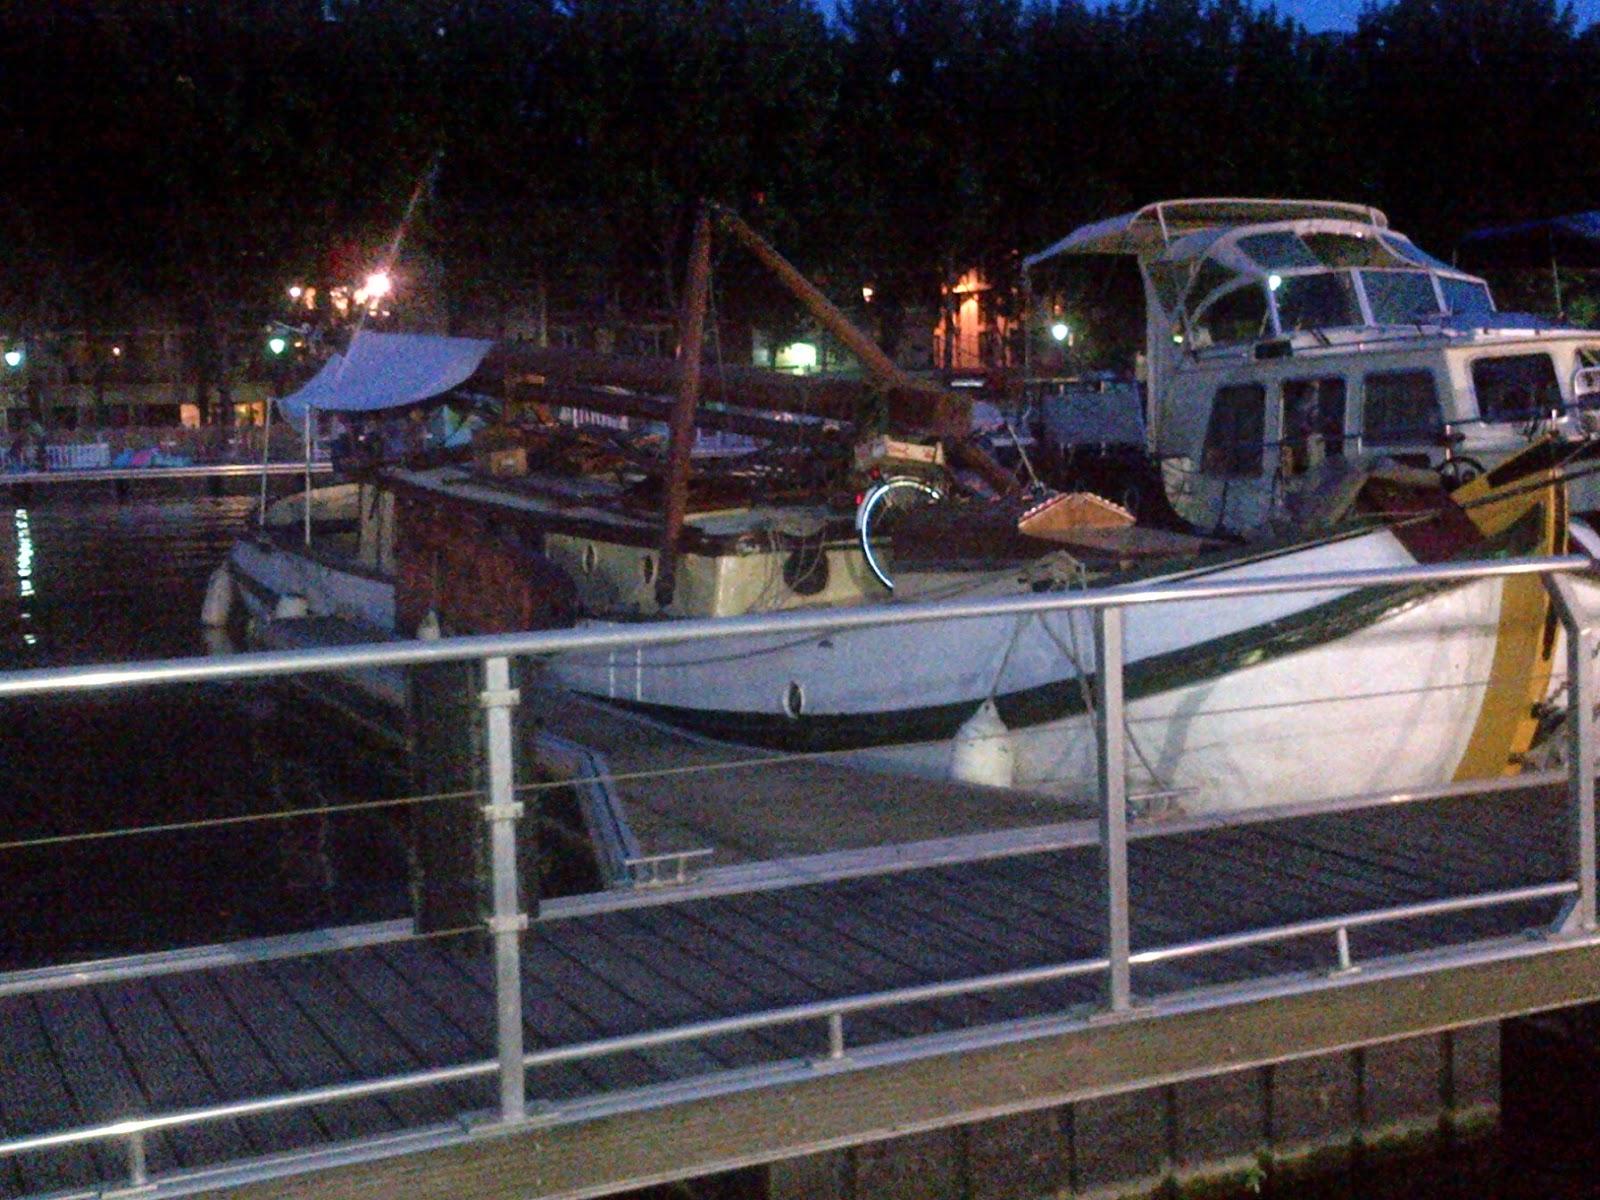 Bateau au bord du canal, Quai de Seine, de nuit.